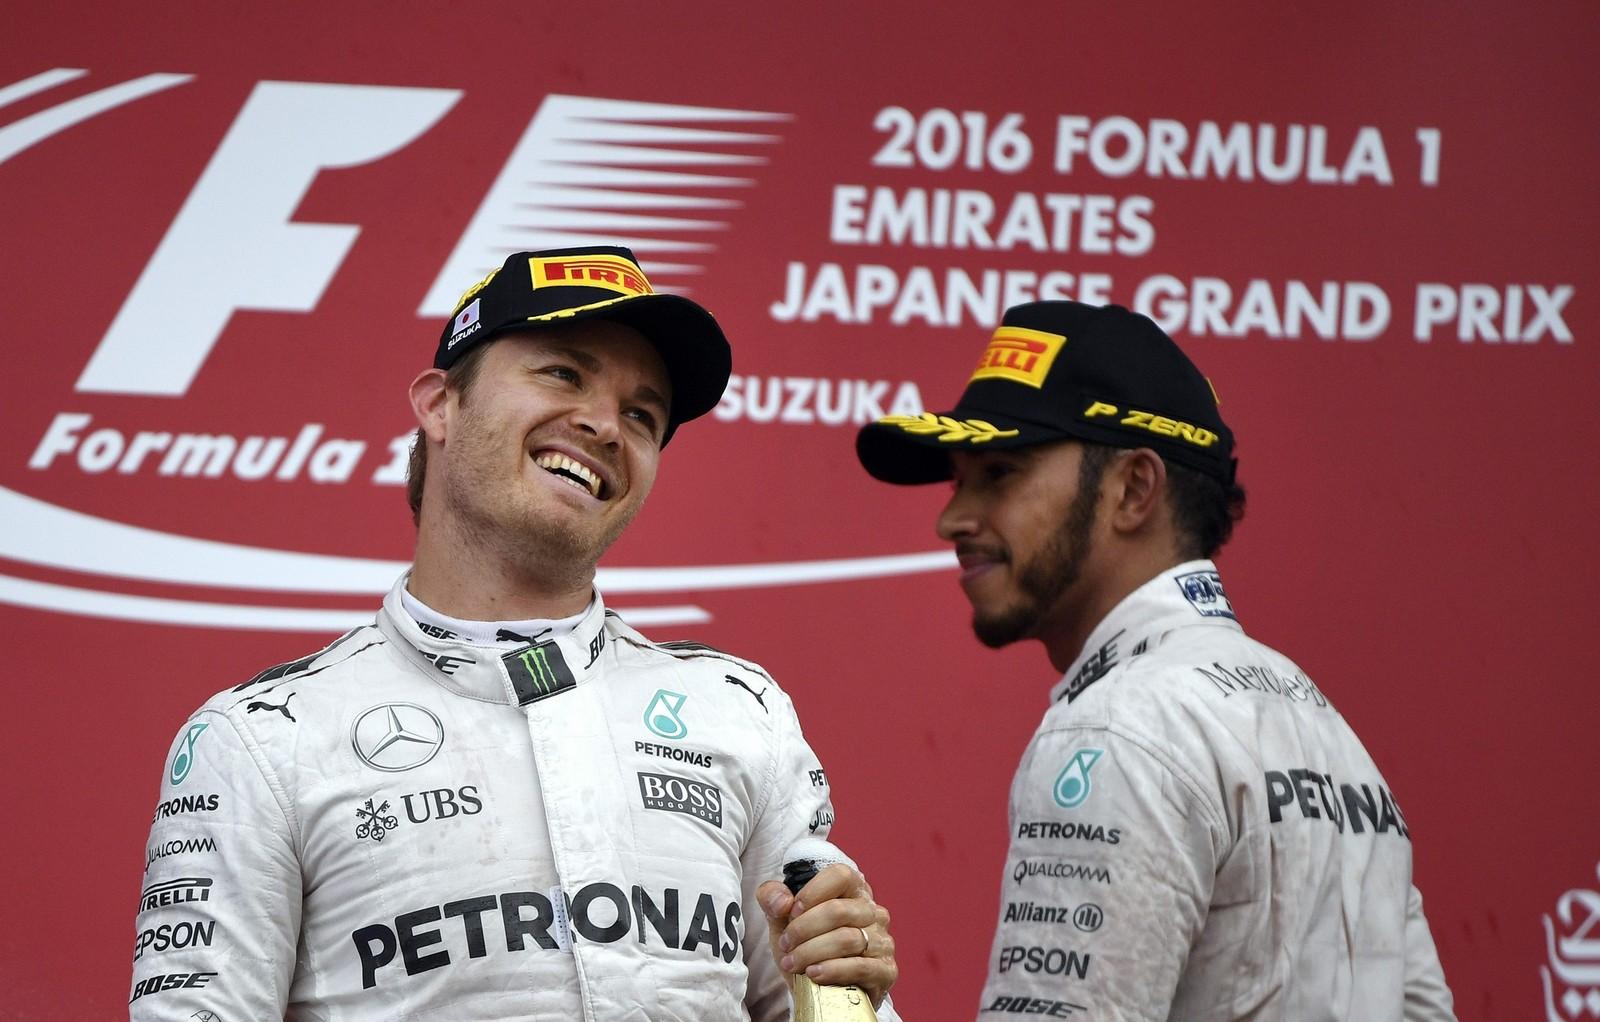 Nico Rosberg a remporté le Grand Prix du Japon l'an dernier, alors que Hamilton n'était que troisième. (Photo: Reuters)